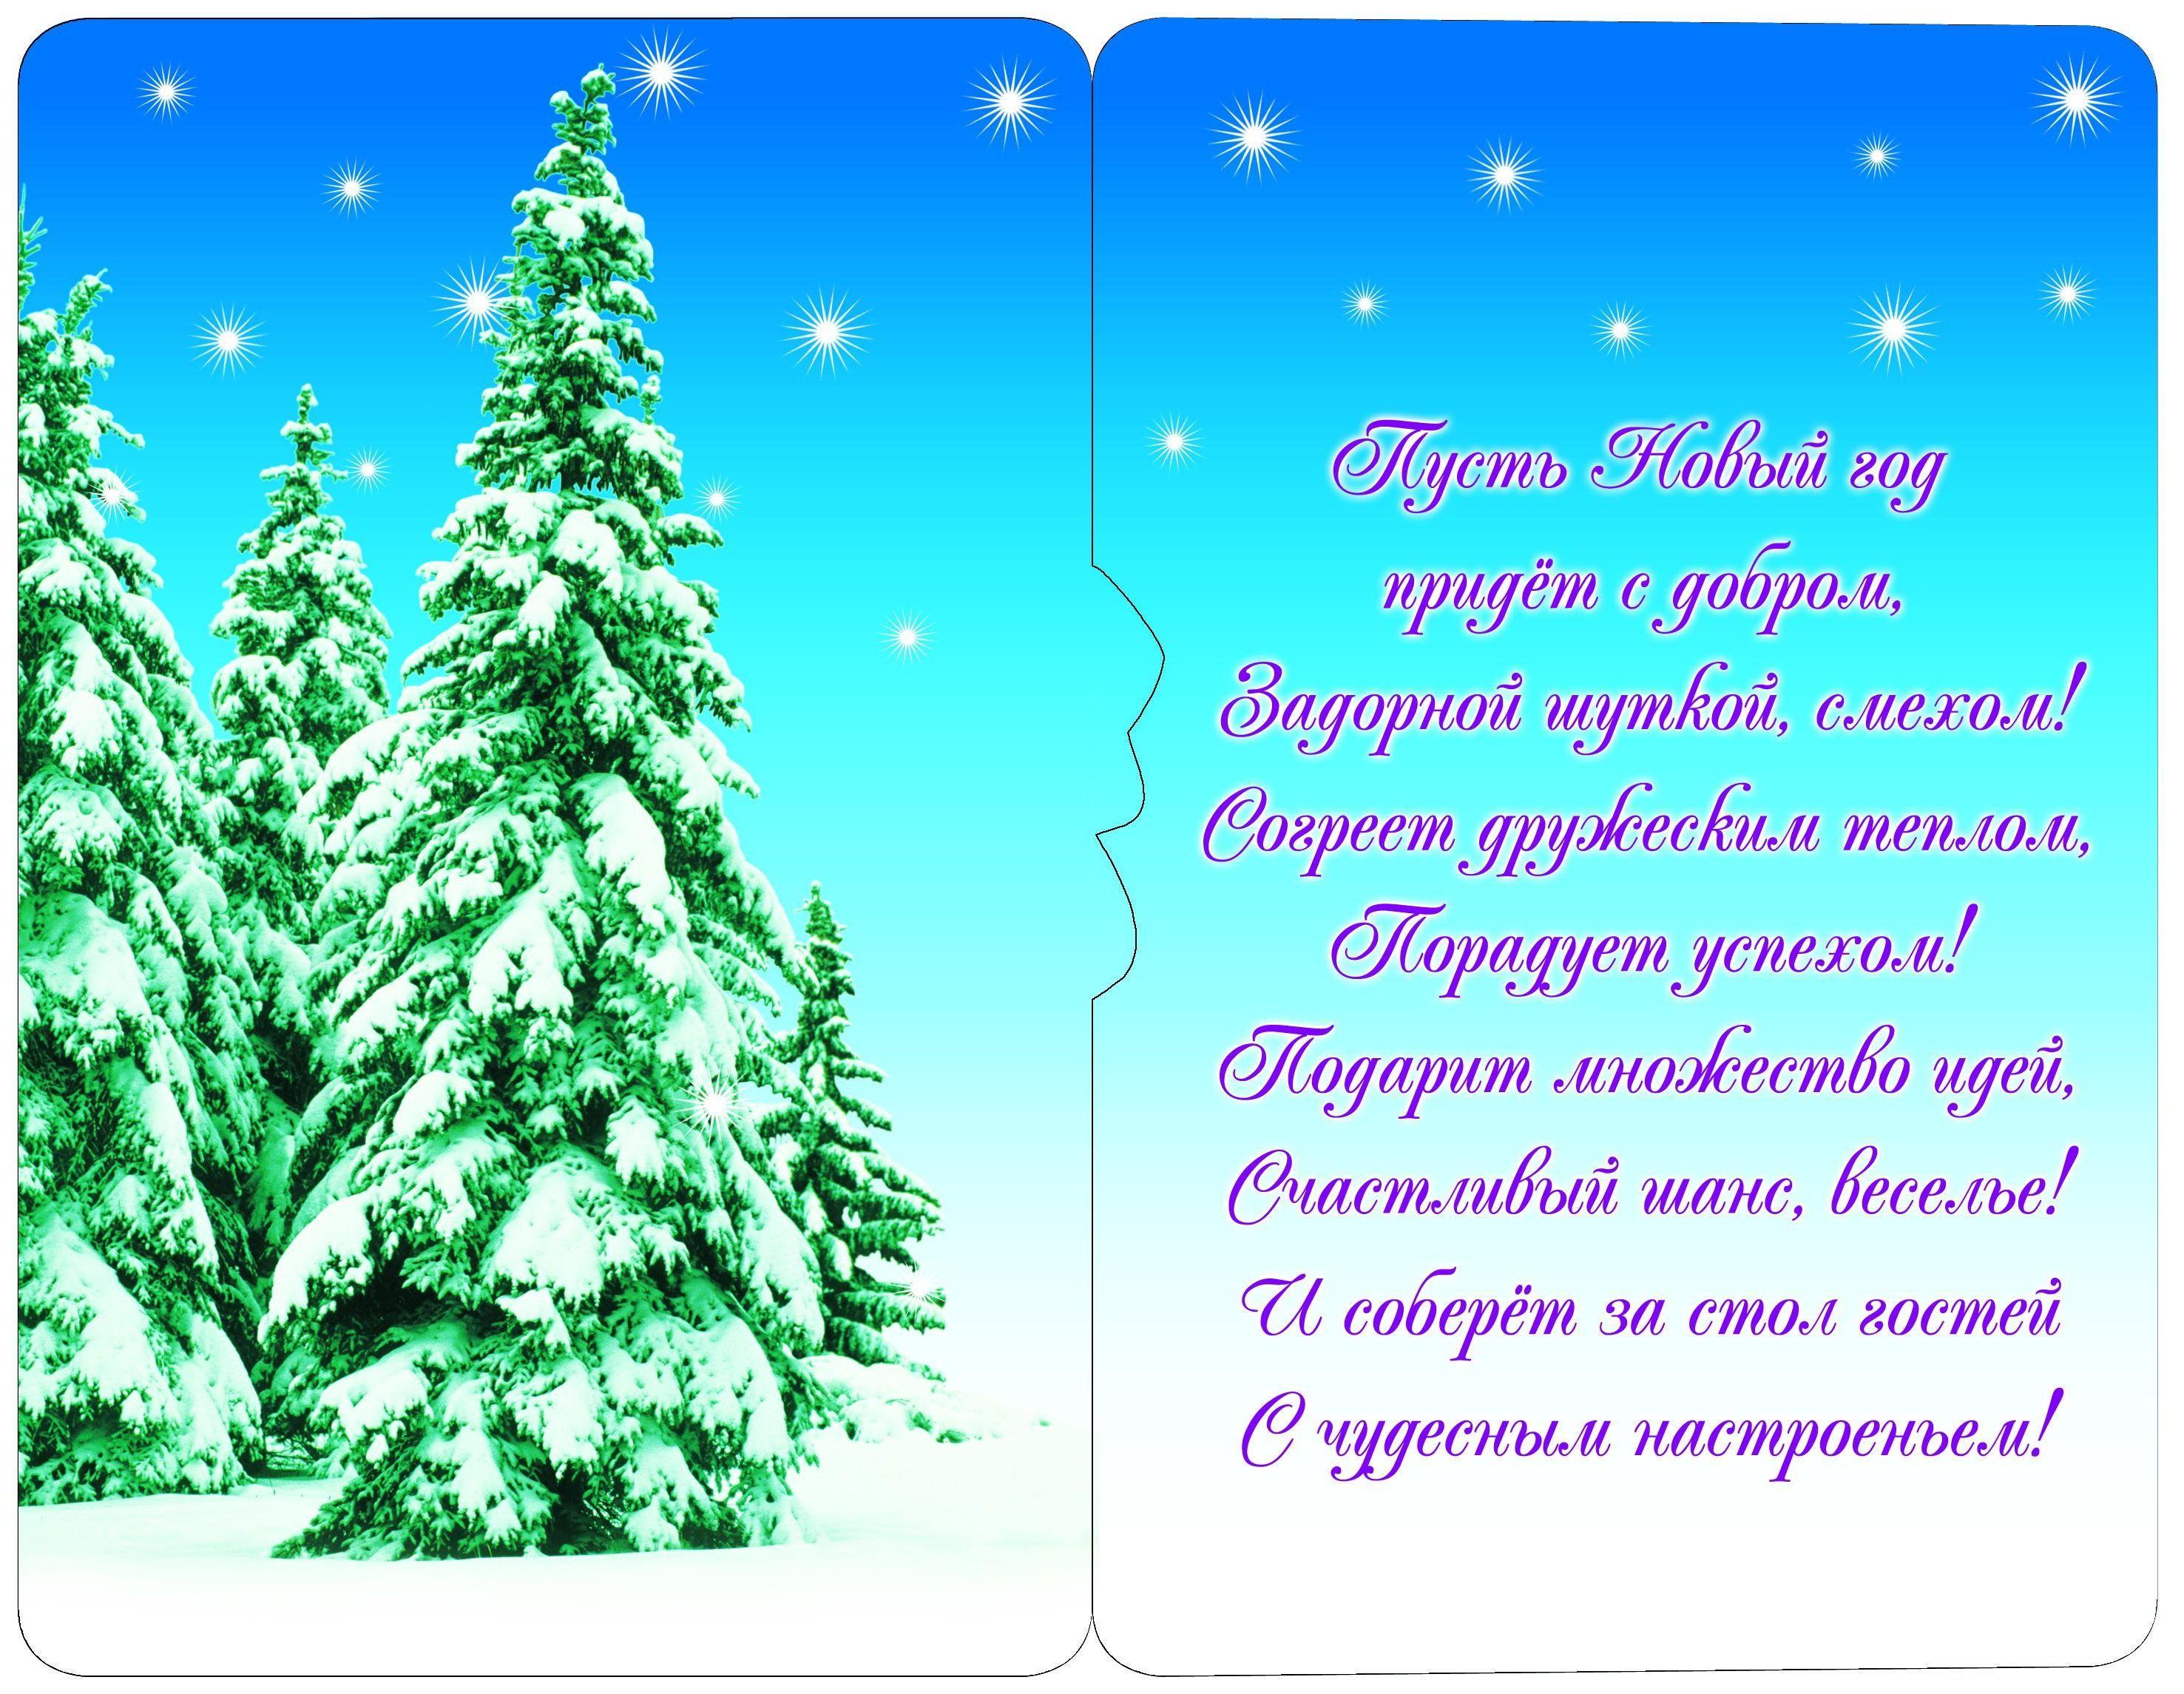 Напечатать текст на открытке с новым годом, рождением